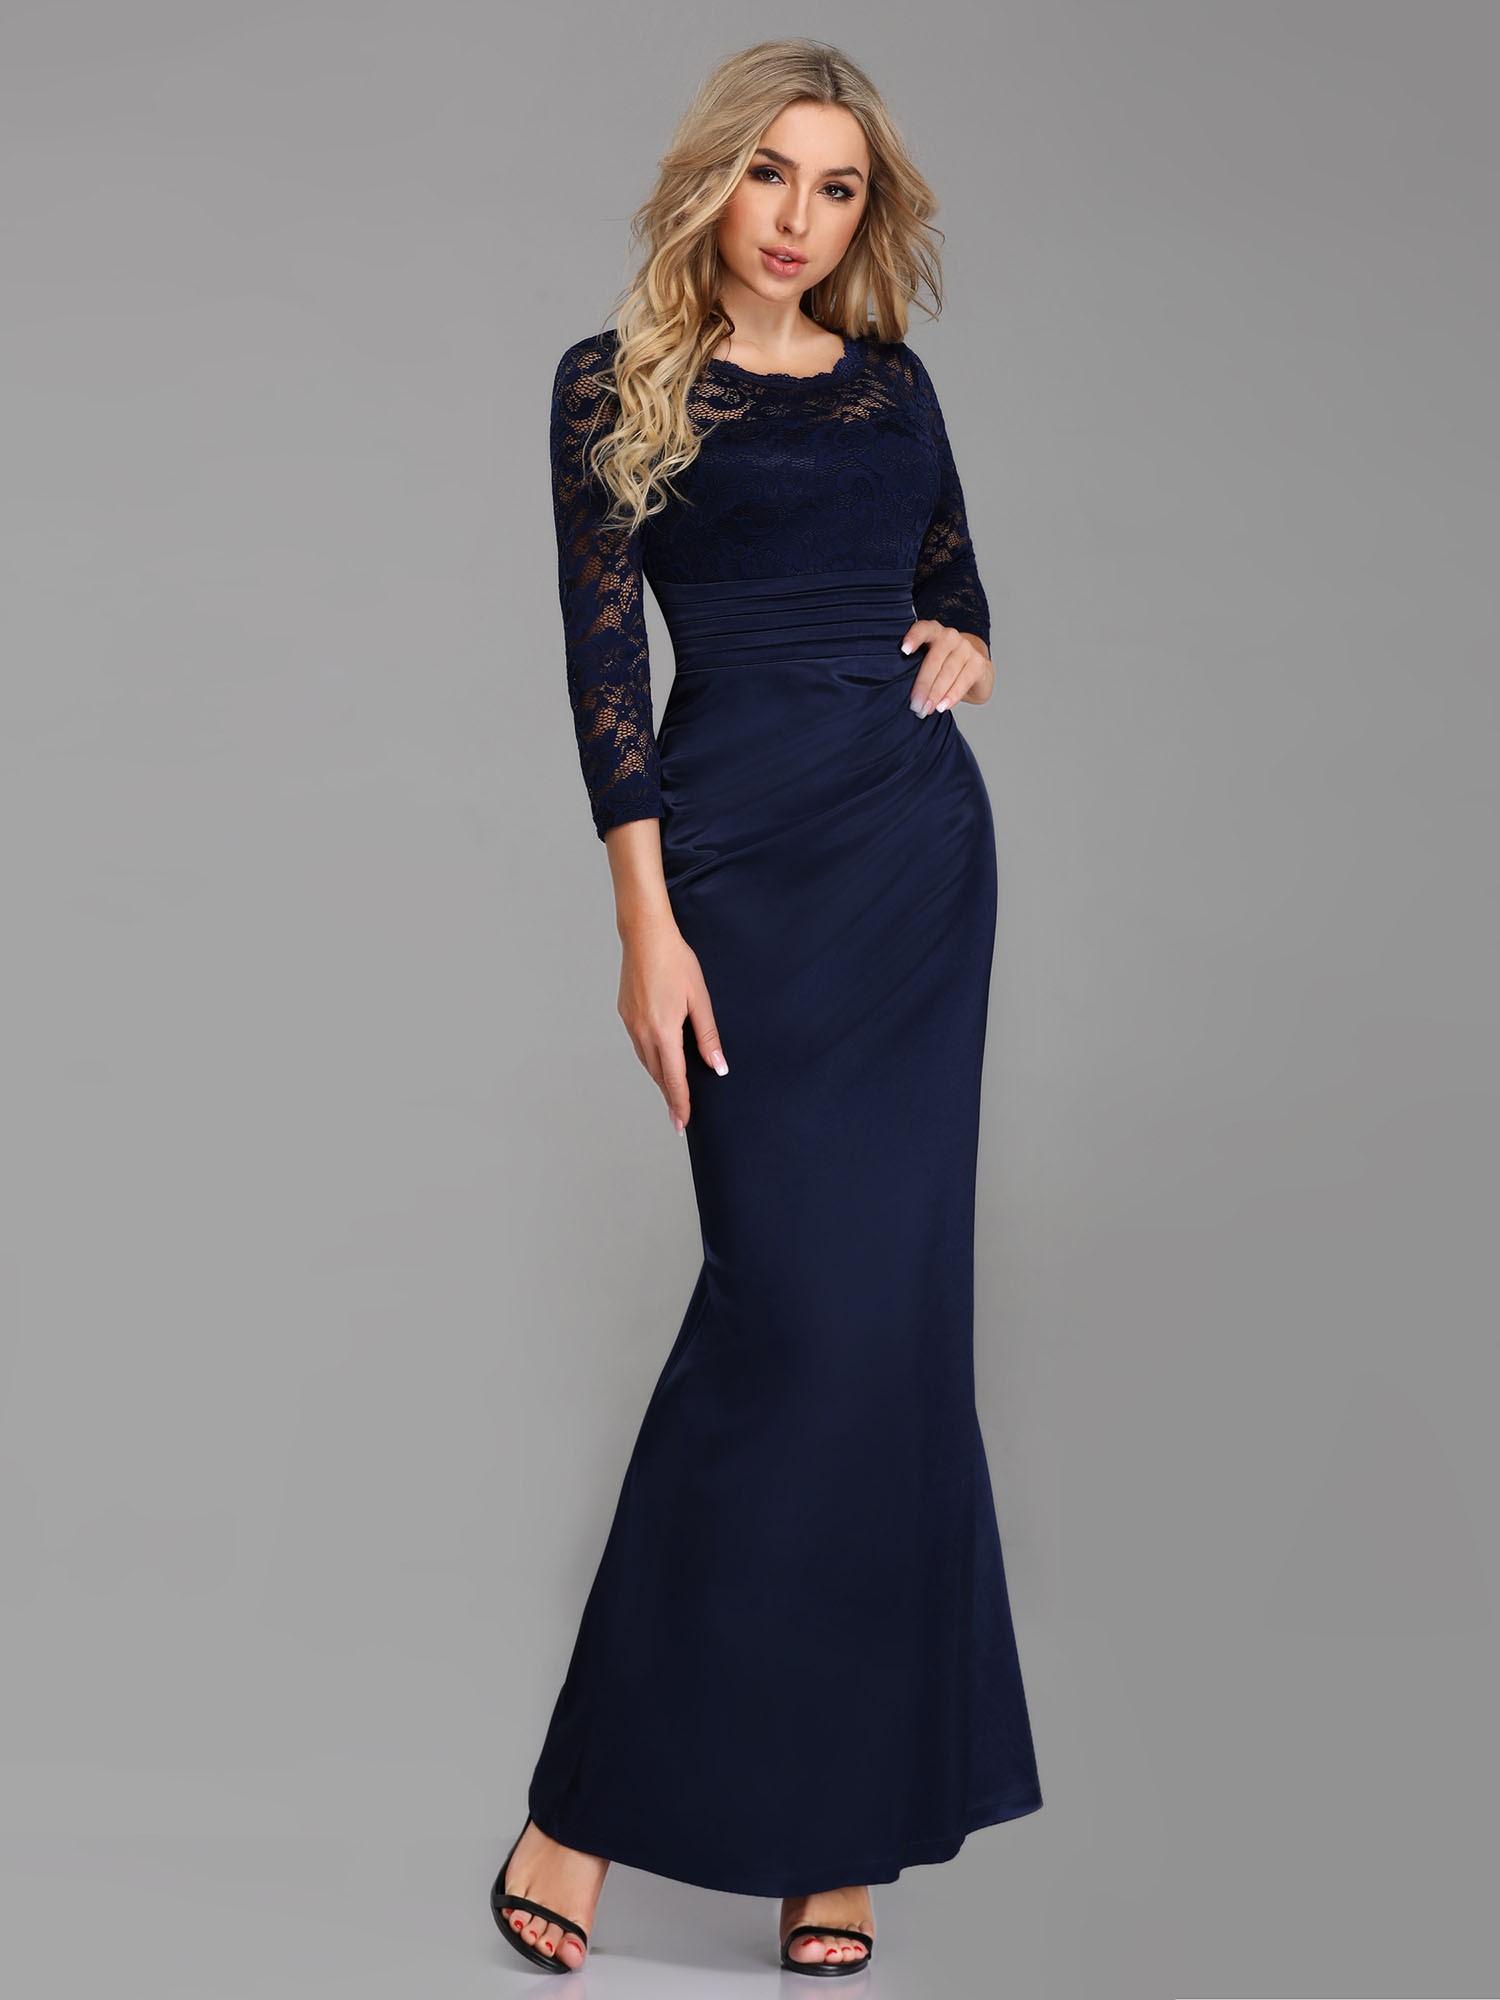 Aftonklänning i satin och spets - Marina´s Boutique ead2fee732b37